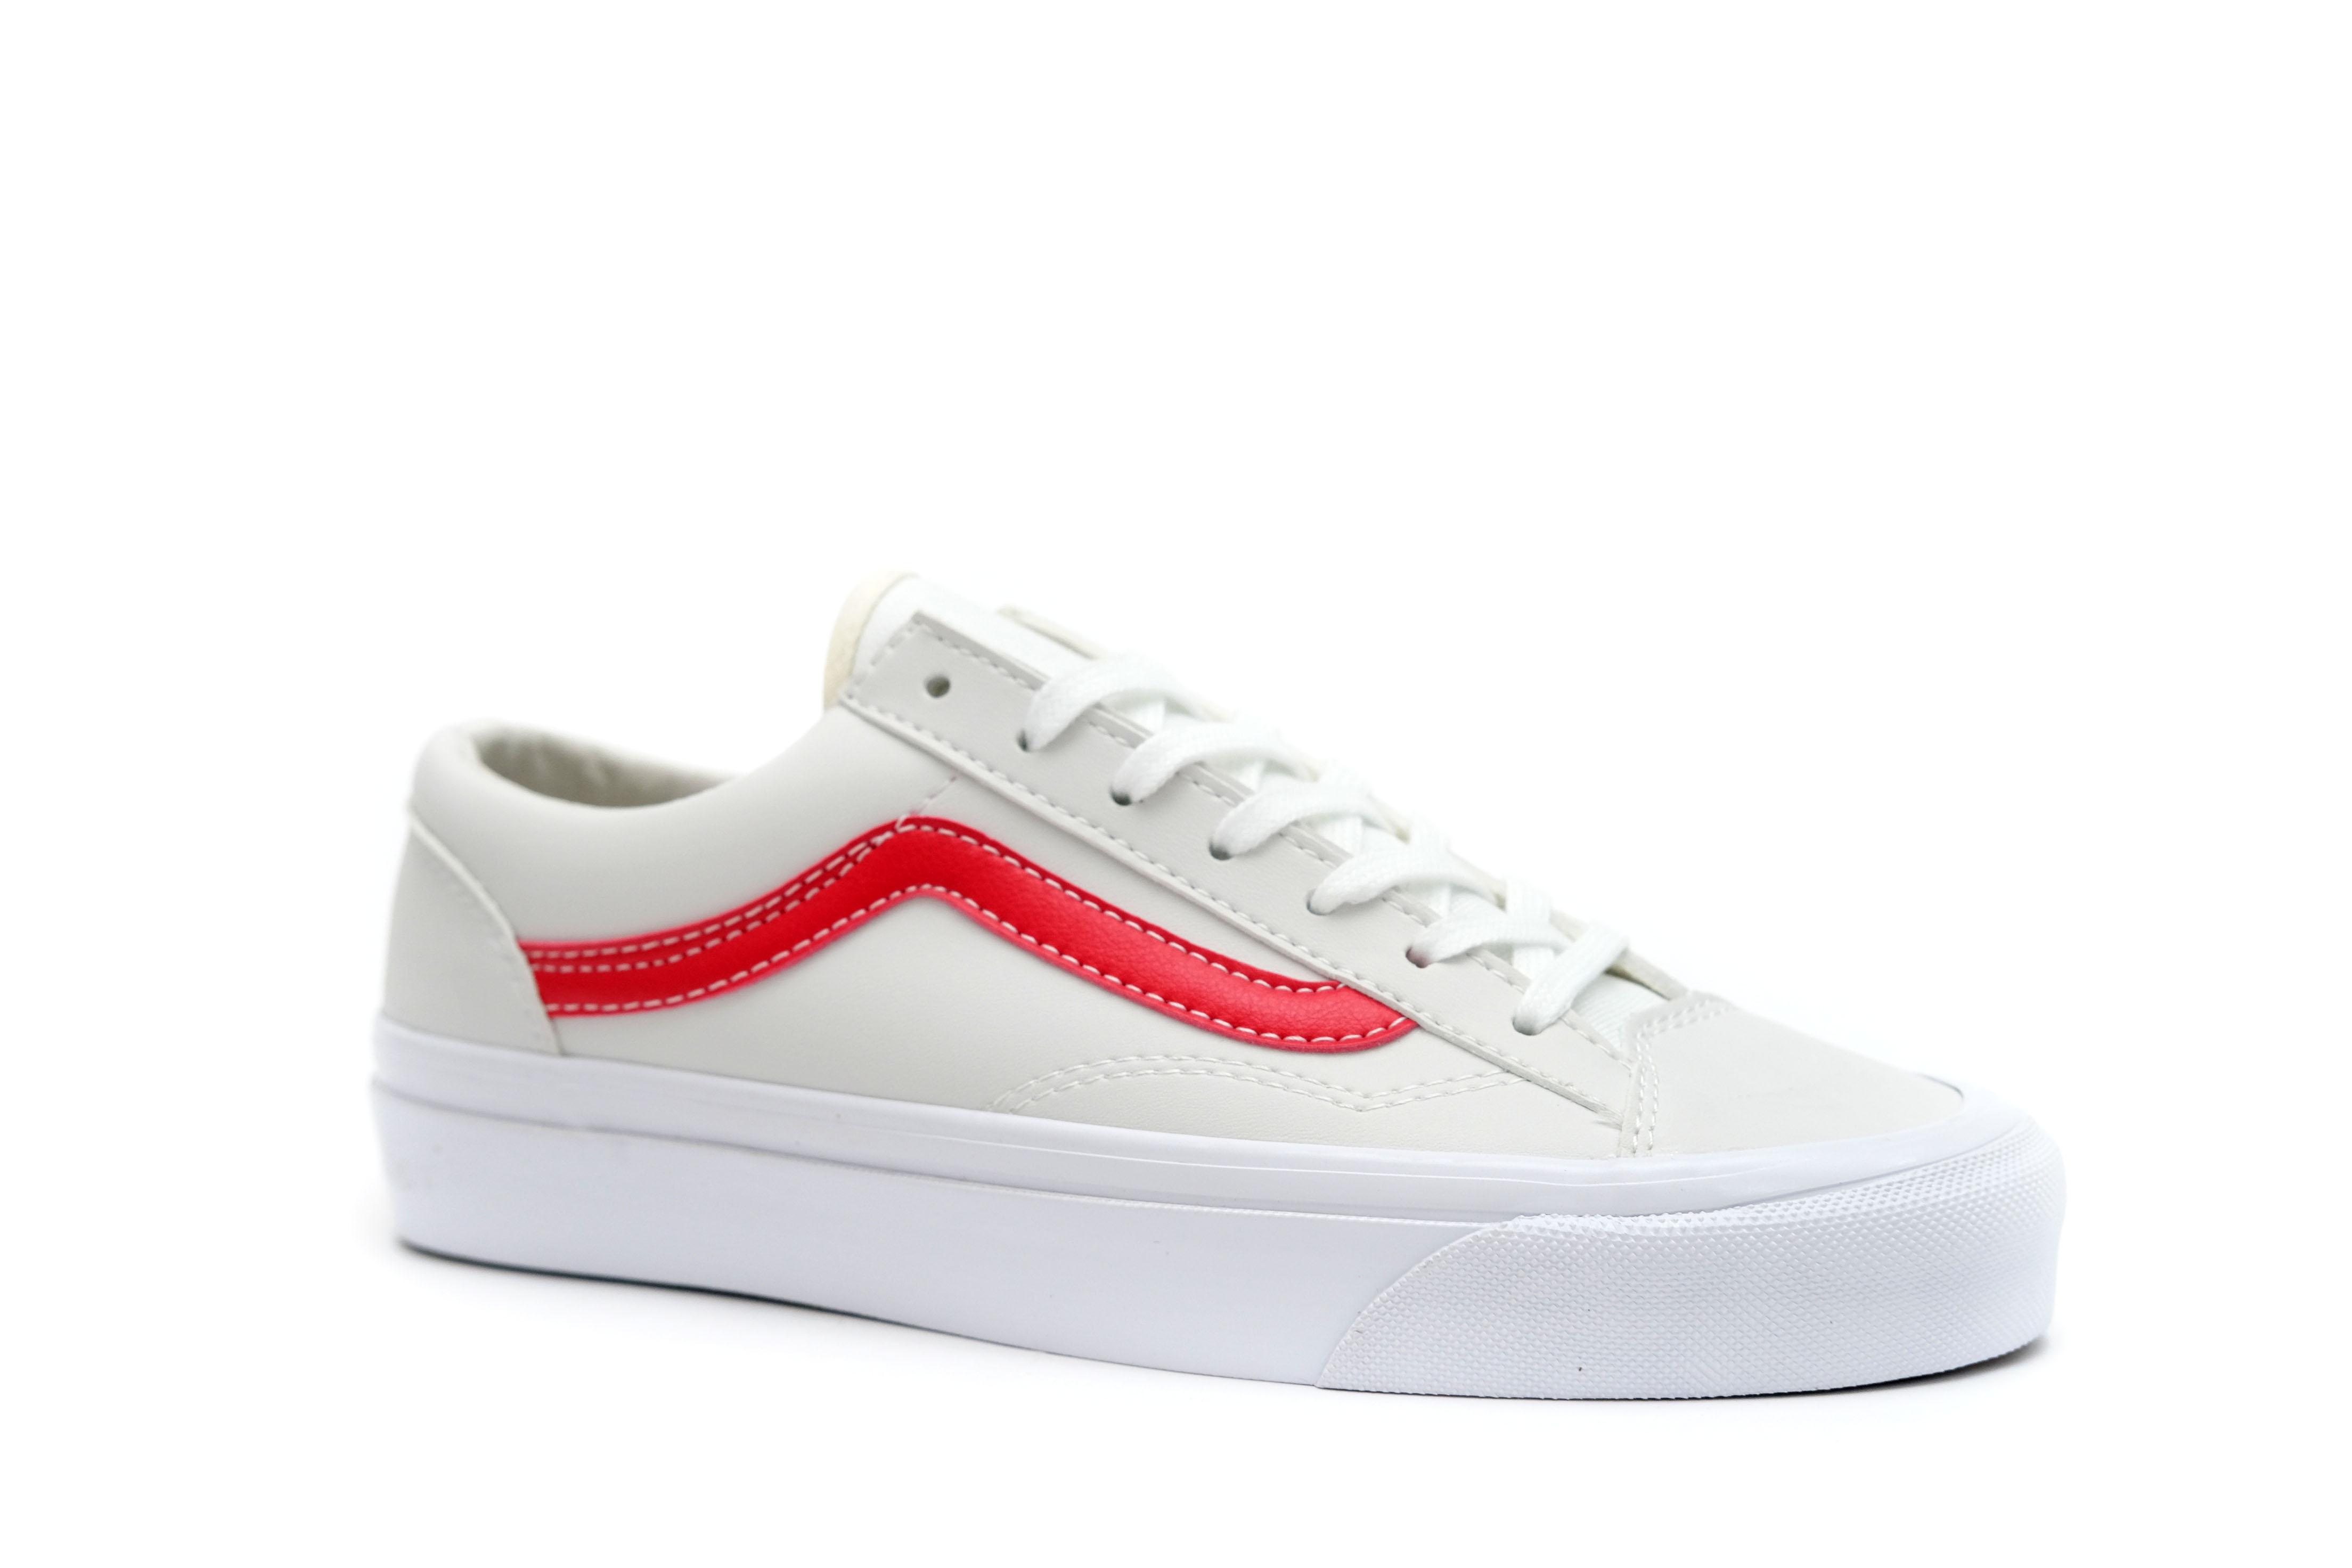 vans-vault-style-36-red